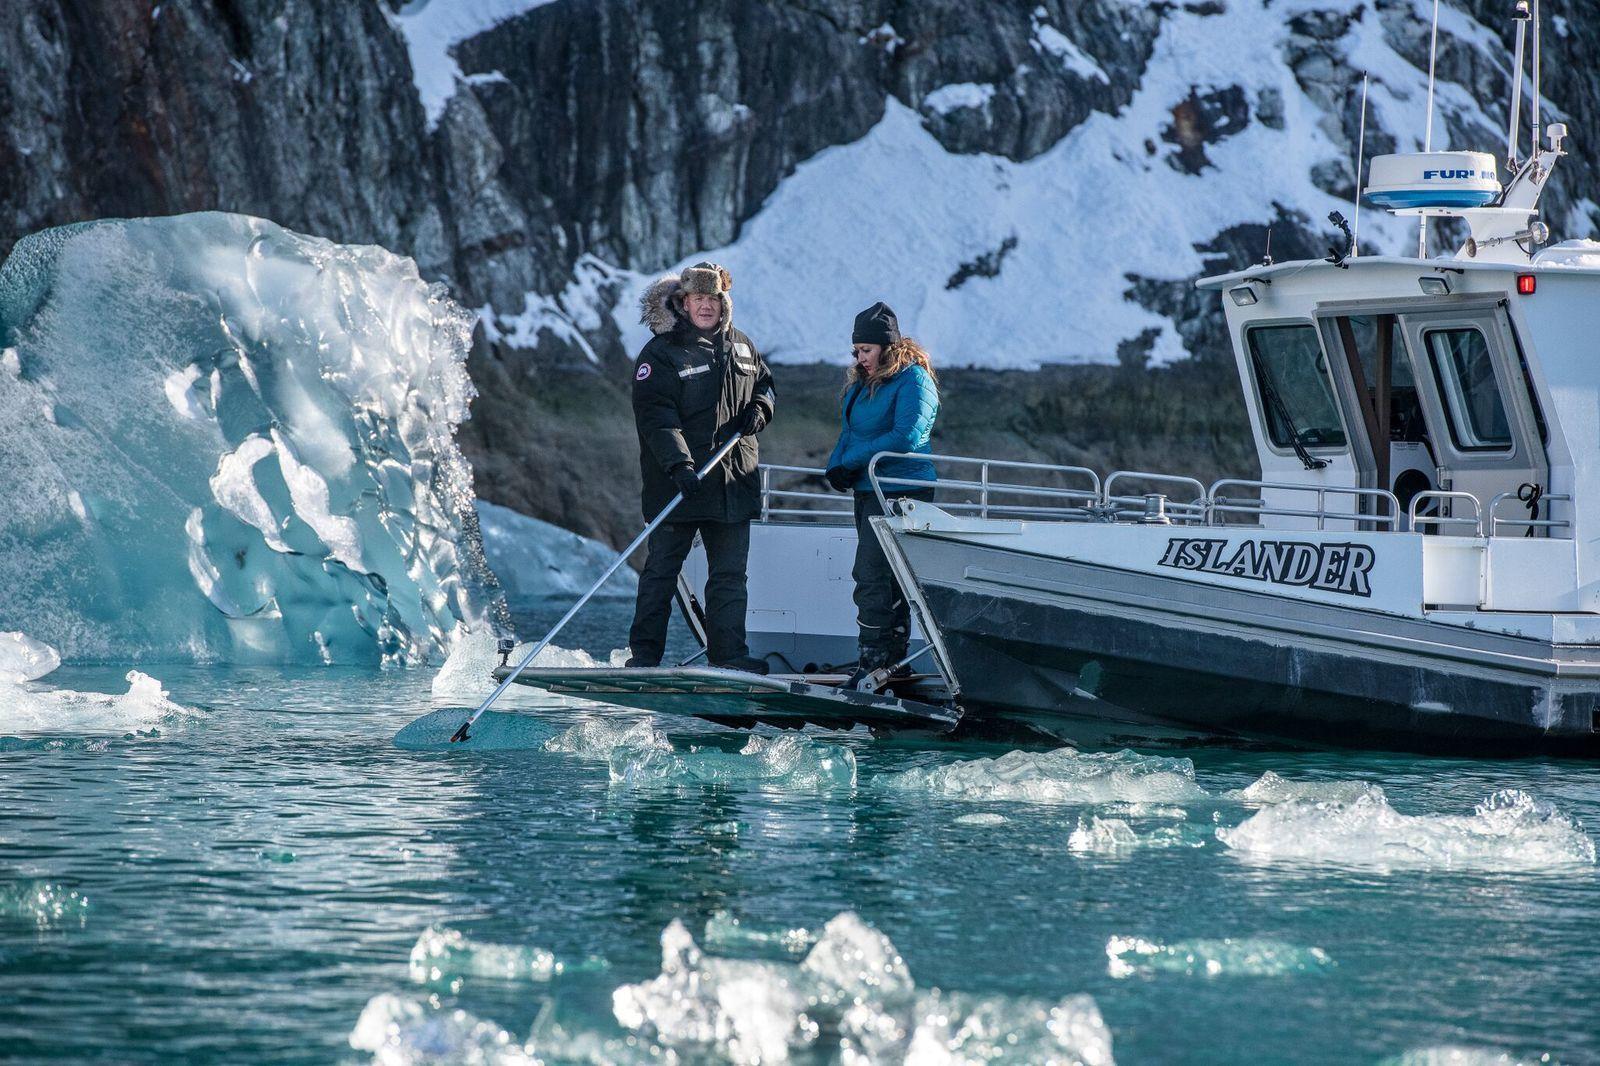 La série documentaire inédite Gordon Ramsay: Territoires inexplorés sera diffusée dès le 3 août.